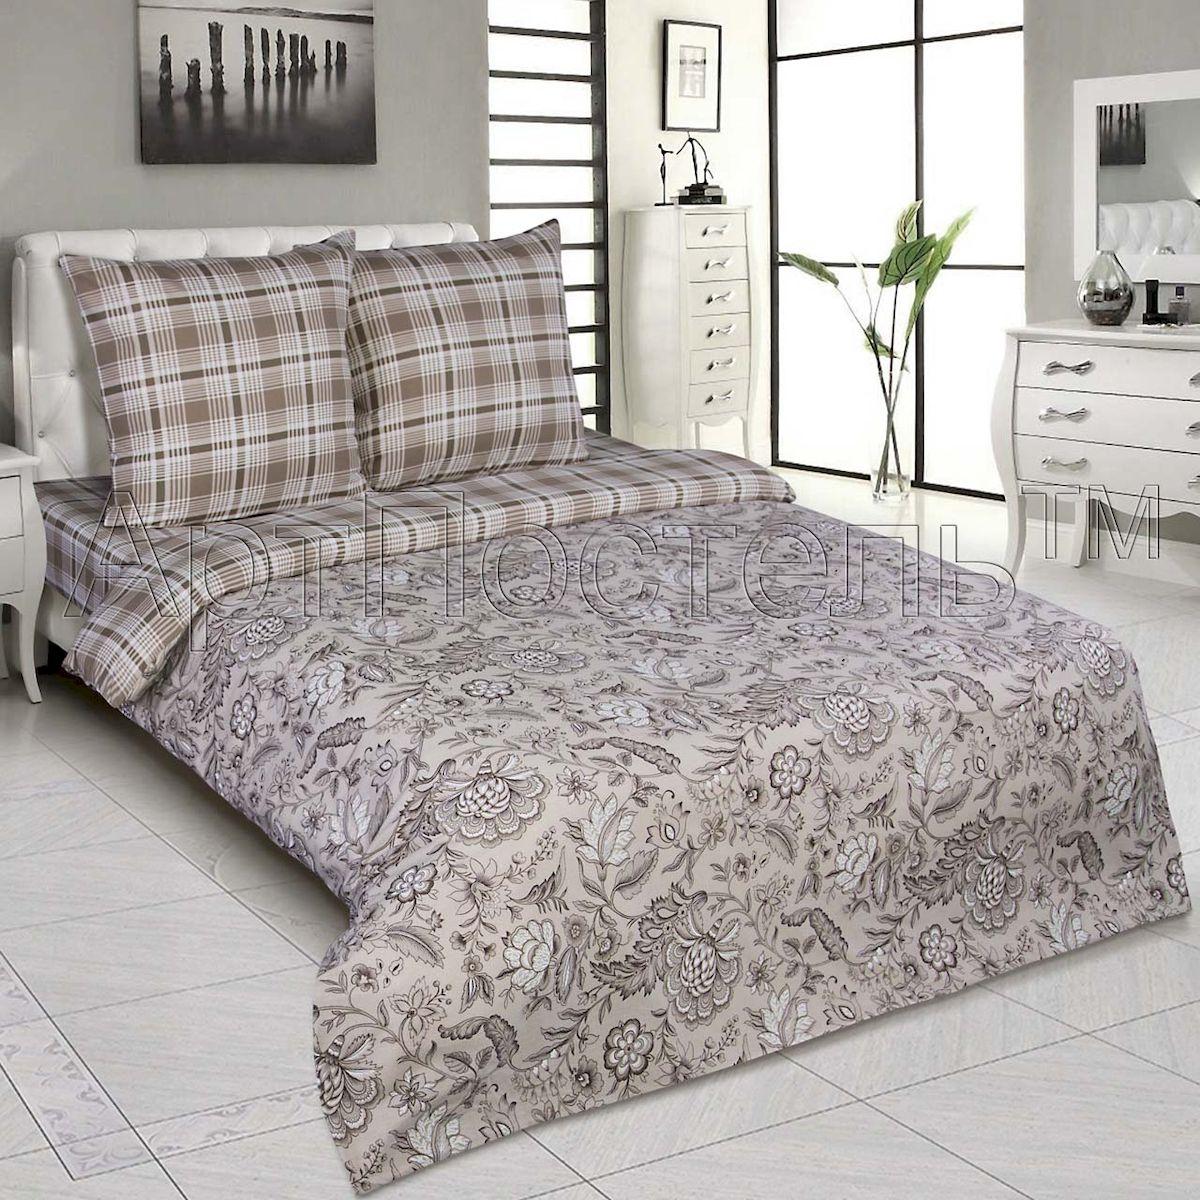 Комплект белья АртПостель Ода, 2-спальный, наволочки 70x70